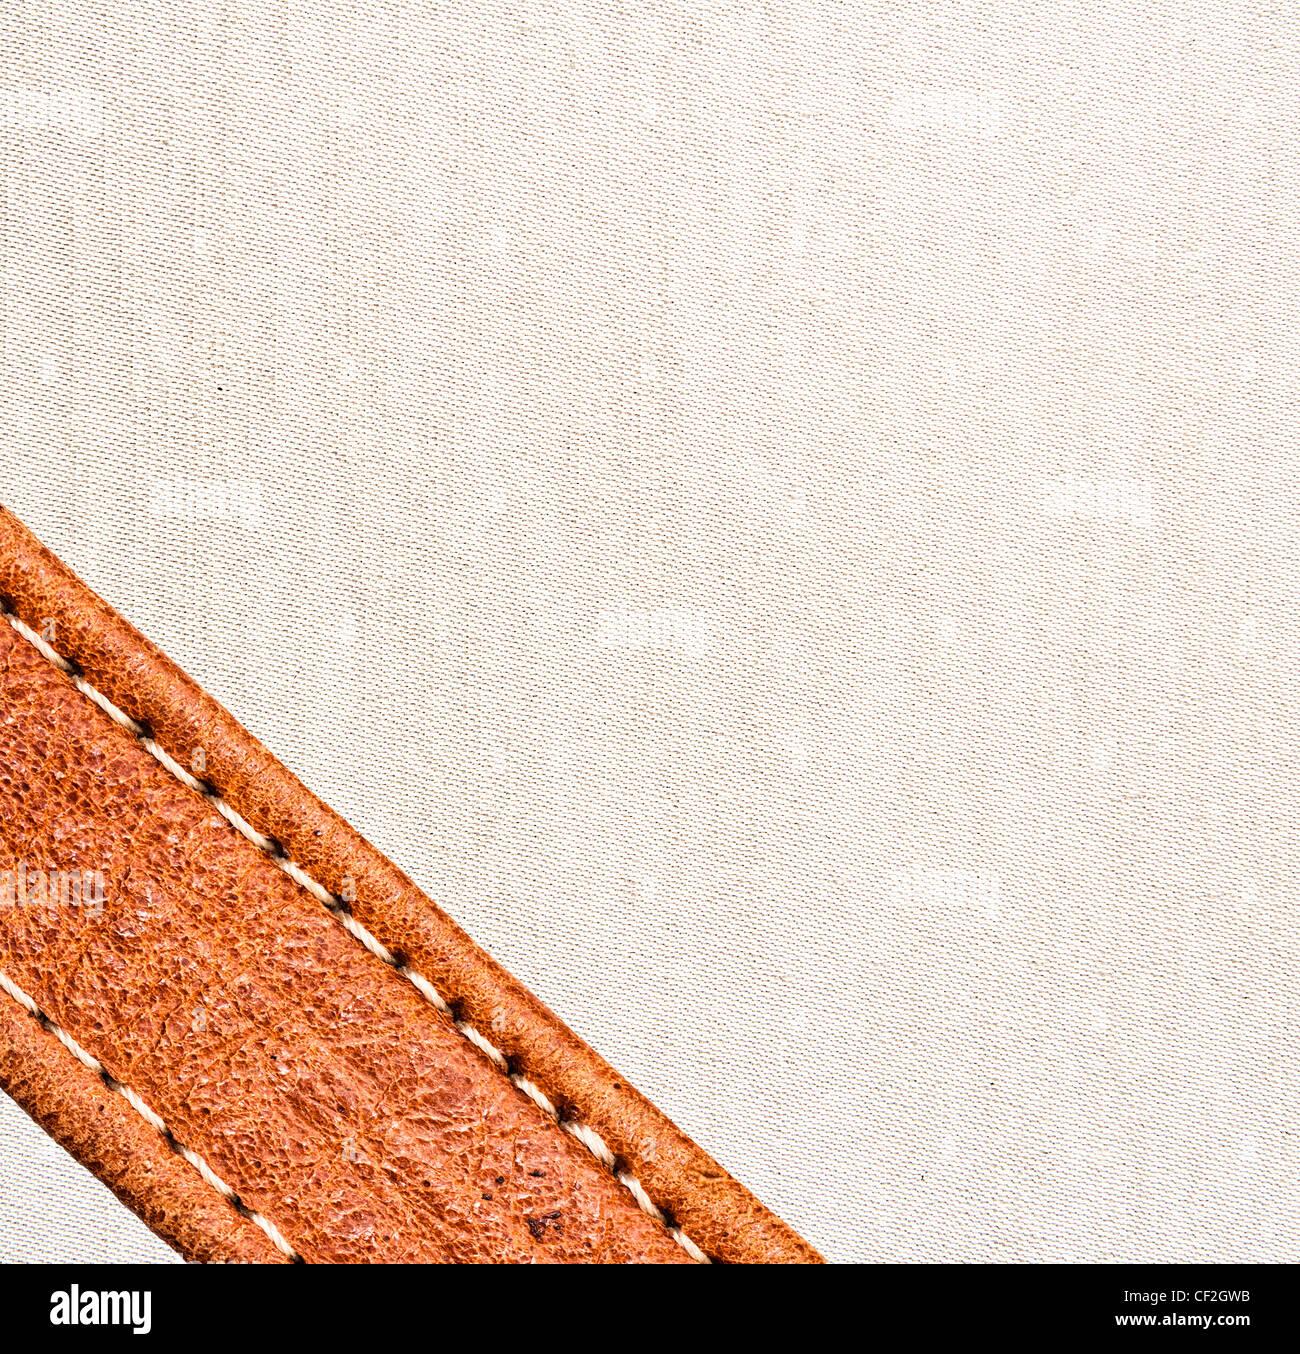 Imagen de fondo de cuero y textiles. Imagen De Stock